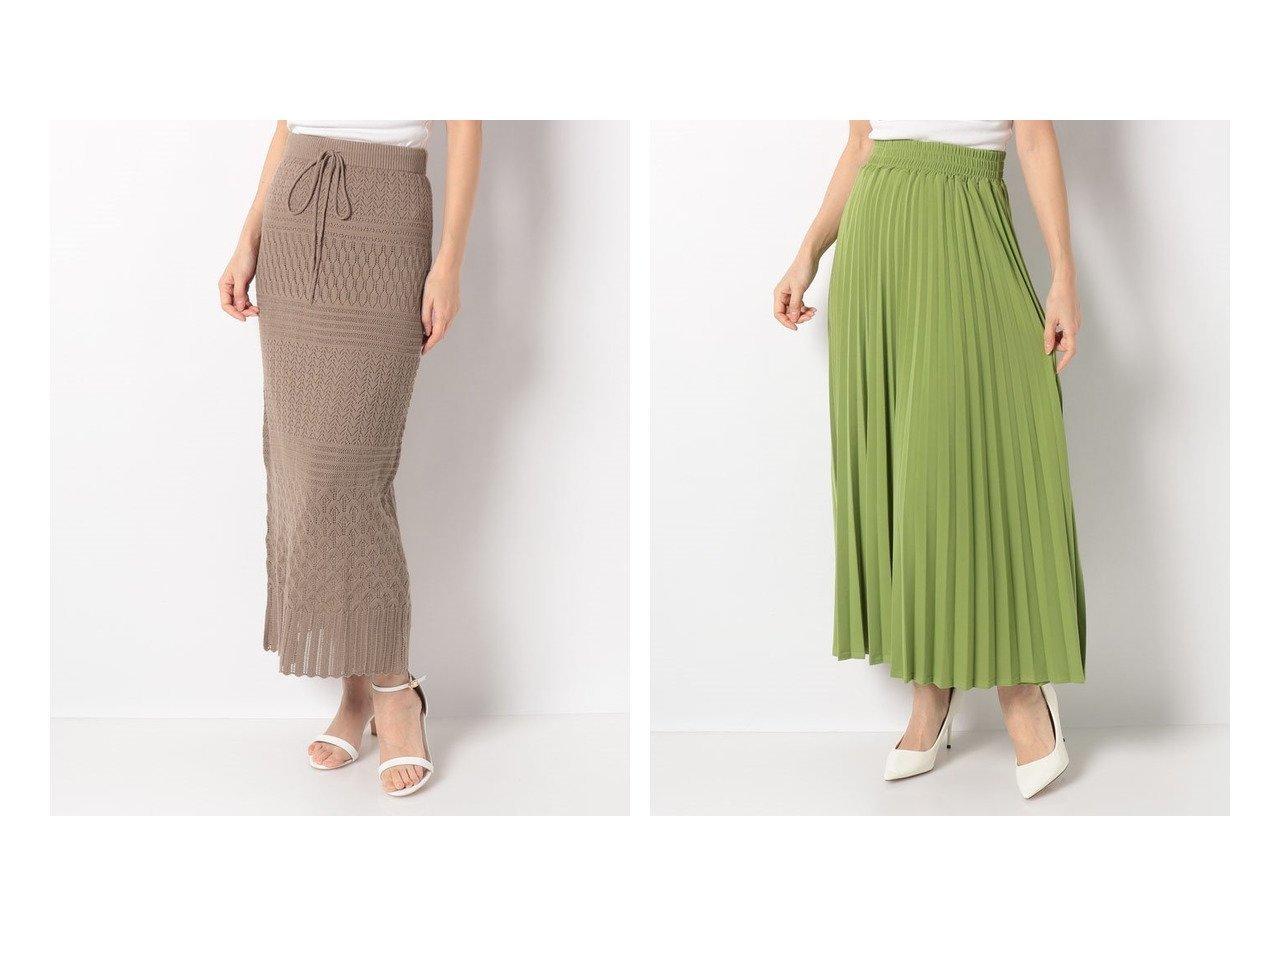 【PREFERIR/プレフェリール】のshe mo shellyスカシ柄ニットスカート&【salire/サリア】のプリーツロングスカート スカートのおすすめ!人気、トレンド・レディースファッションの通販  おすすめで人気の流行・トレンド、ファッションの通販商品 メンズファッション・キッズファッション・インテリア・家具・レディースファッション・服の通販 founy(ファニー) https://founy.com/ ファッション Fashion レディースファッション WOMEN スカート Skirt プリーツスカート Pleated Skirts ロングスカート Long Skirt NEW・新作・新着・新入荷 New Arrivals S/S 春夏 SS Spring/Summer カーディガン コレクション シンプル タイトスカート ペチコート 春 Spring 透かし ギャザー プリーツ マキシ |ID:crp329100000019226